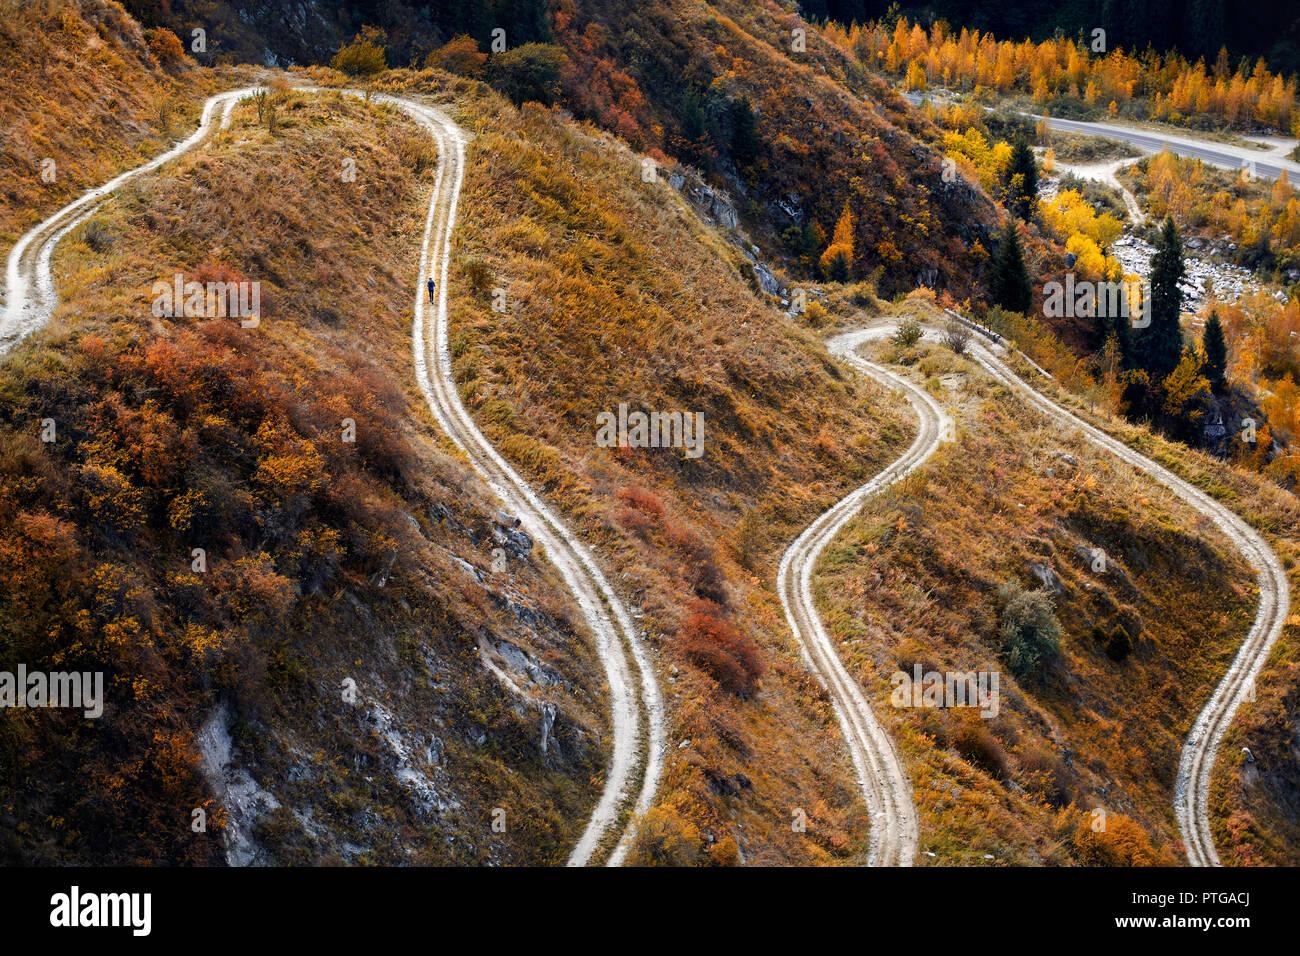 Vue aérienne de l'athlète coureur d'exécution sur la route serpentine dans les montagnes Photo Stock